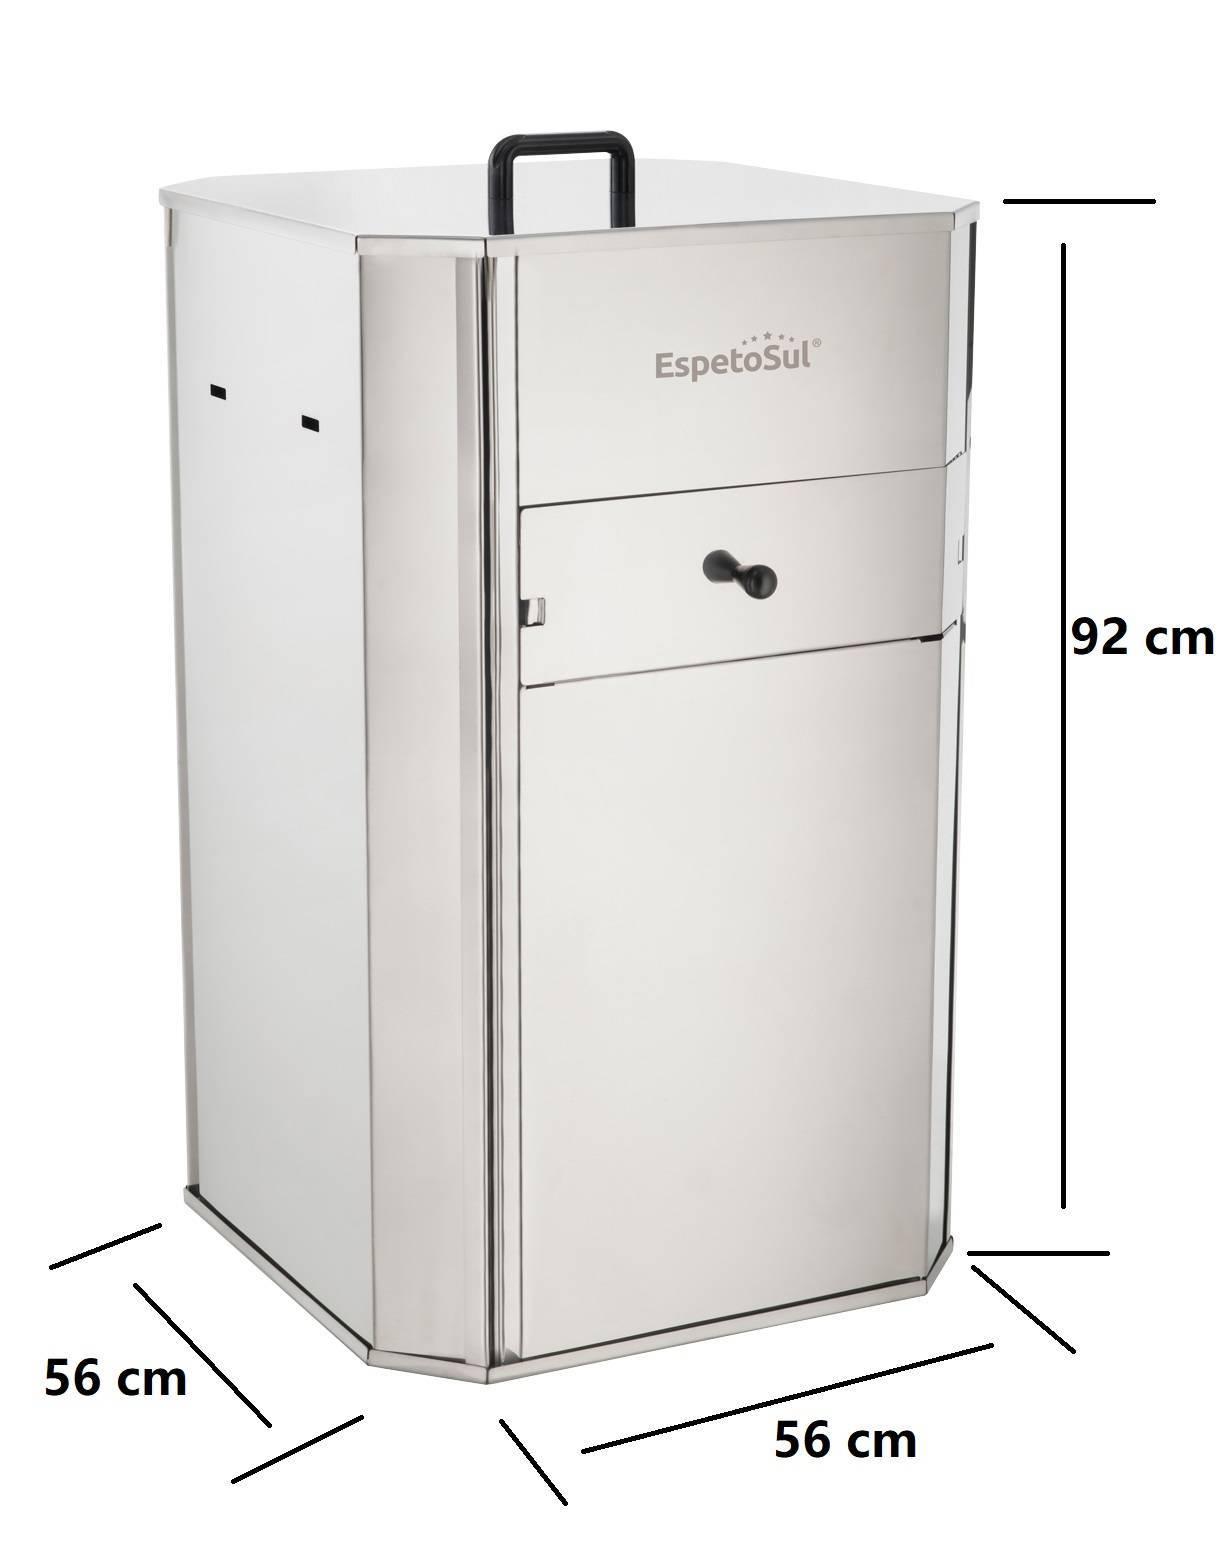 Churrasqueira a carvão inox 20 kg para costela 1 Espeto a pilha - EspetoSul